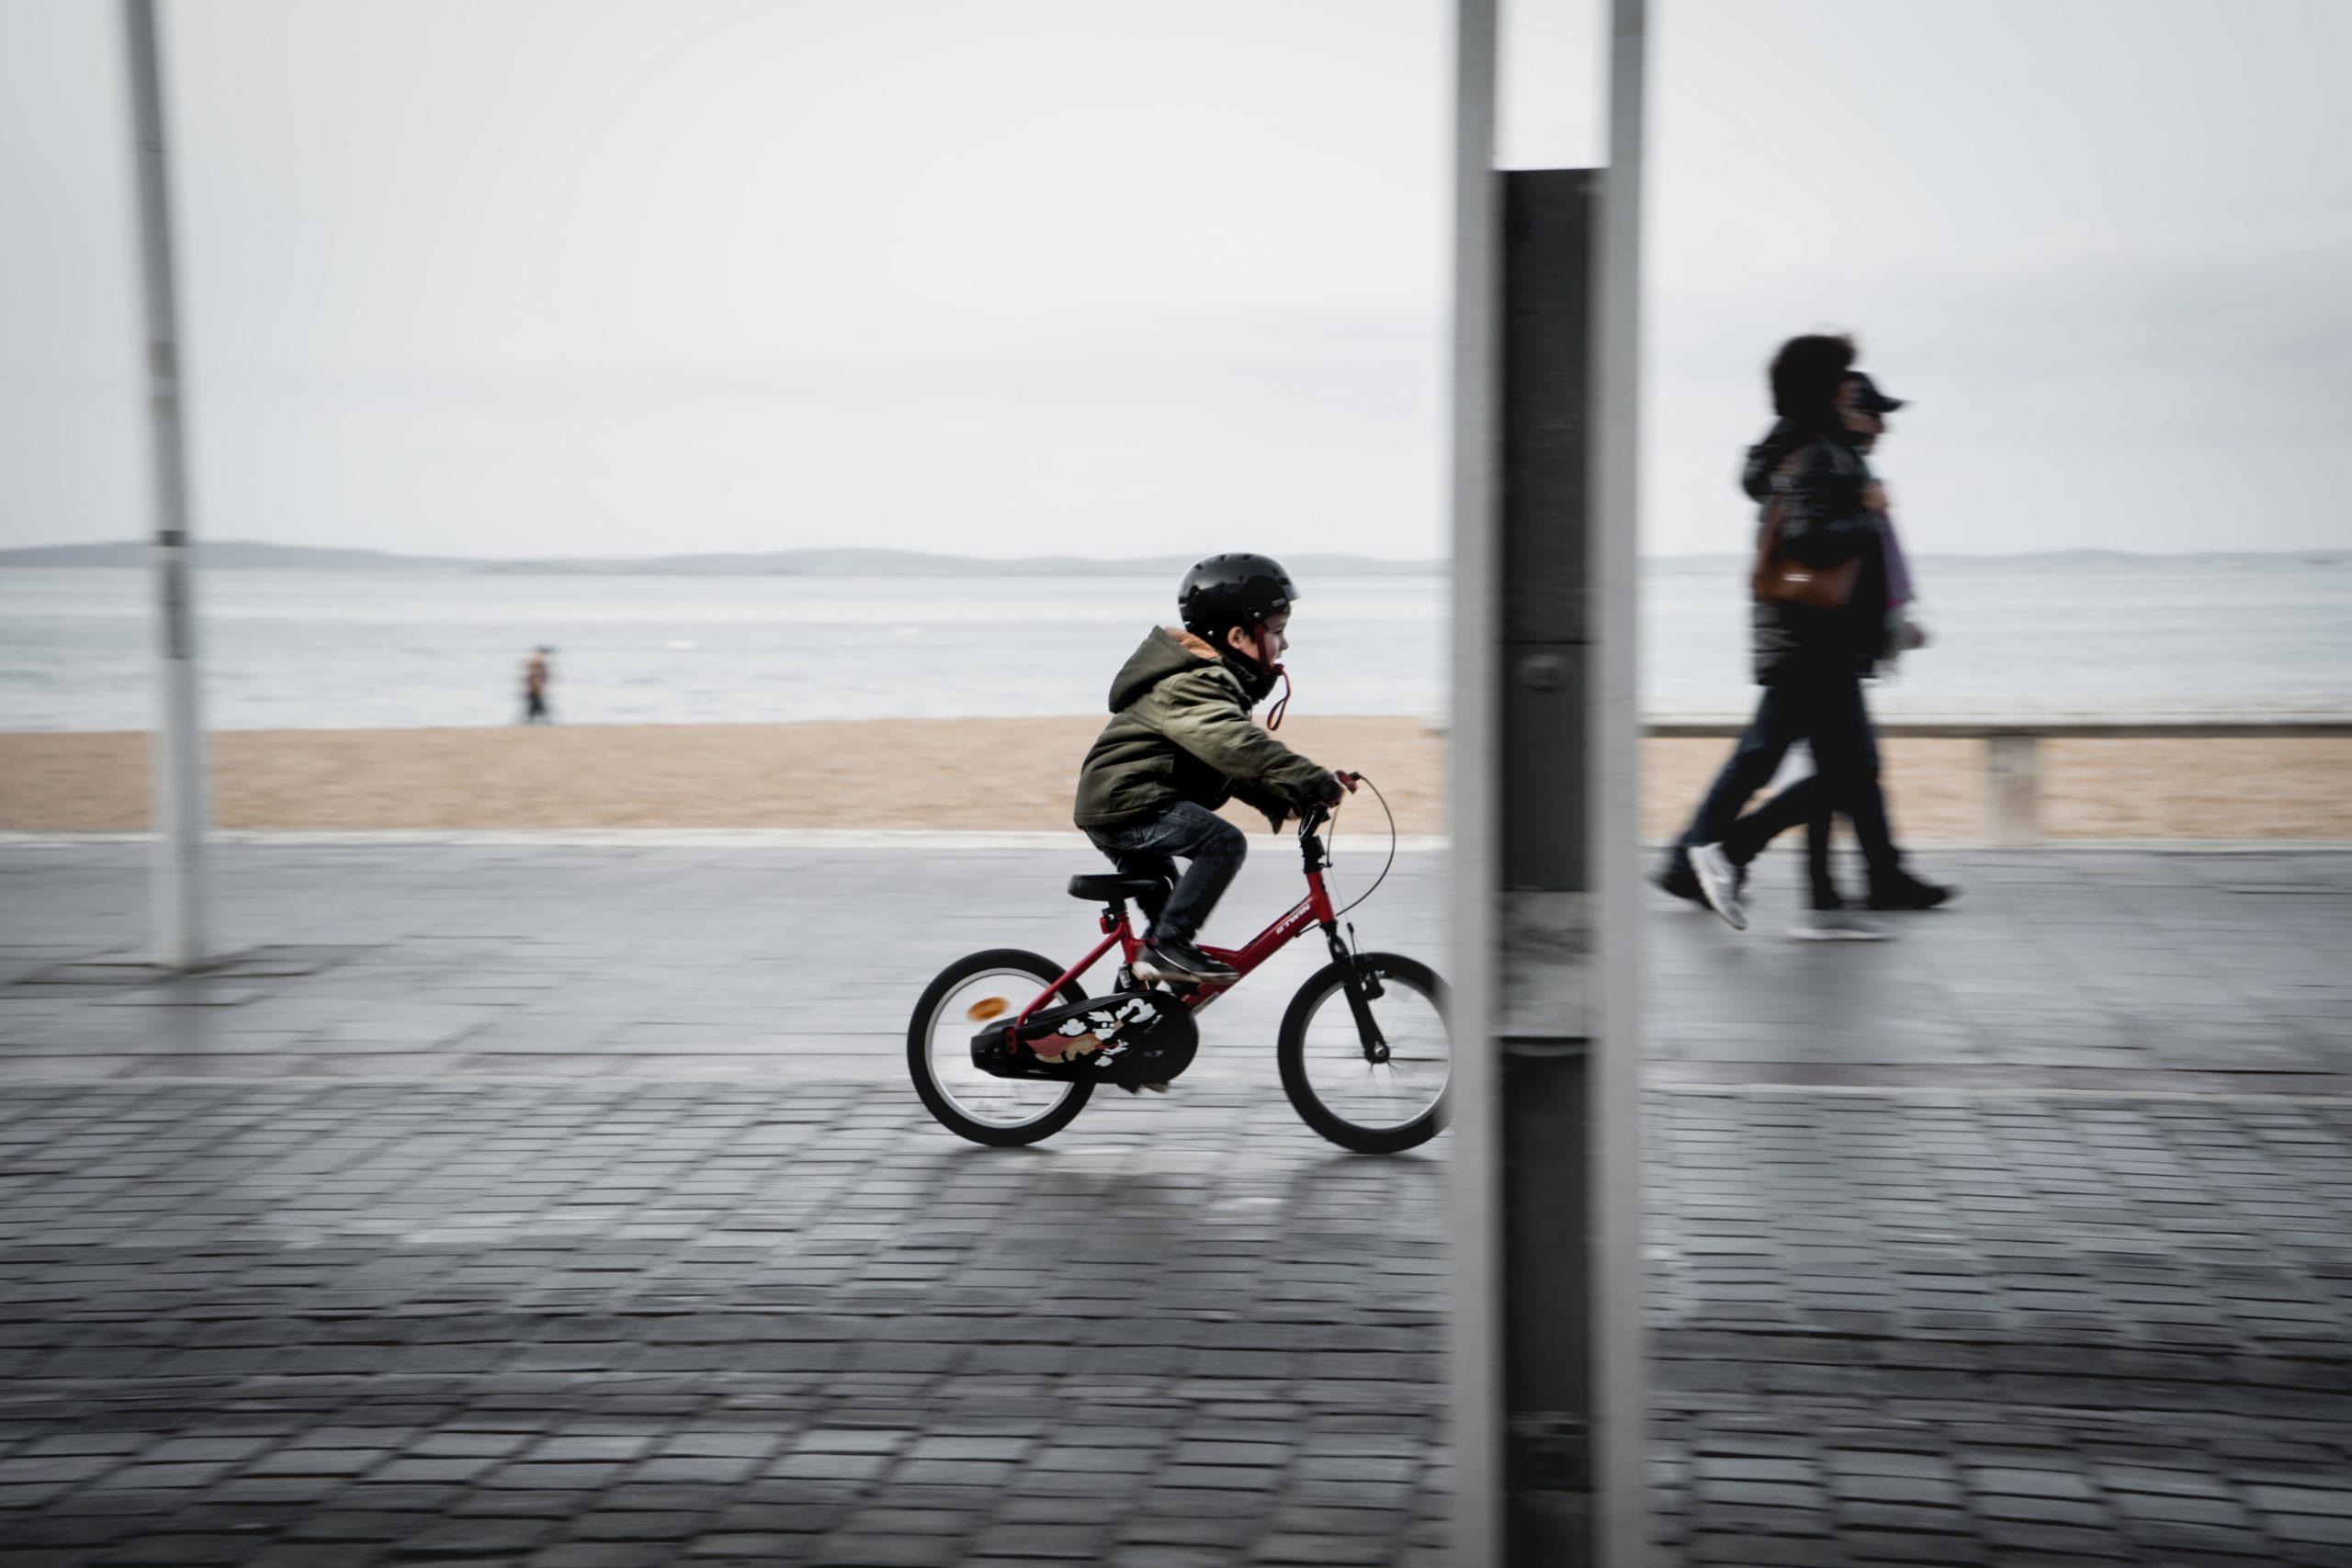 chłopiec w kasku jedzie na rowerze